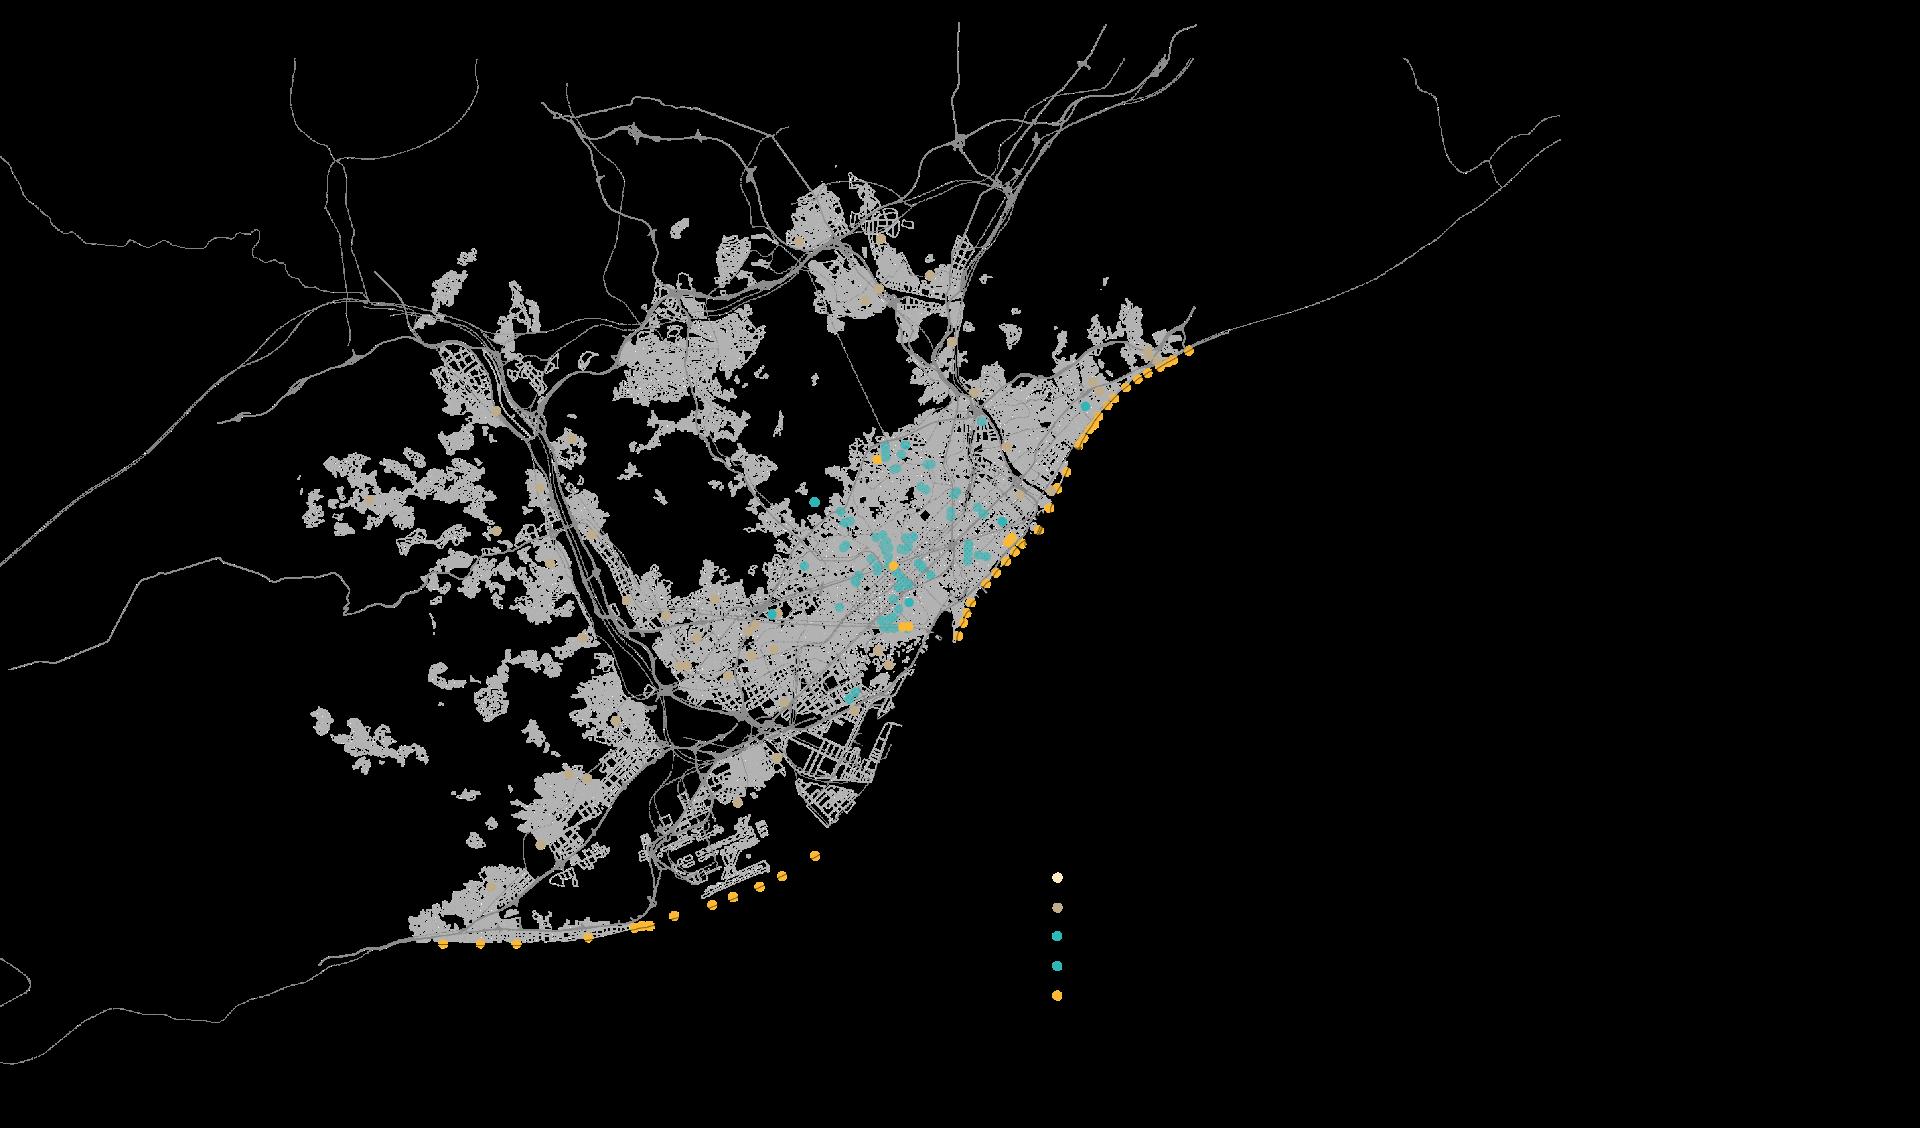 08.0_Cartografia sensors-02-02__1504611612338